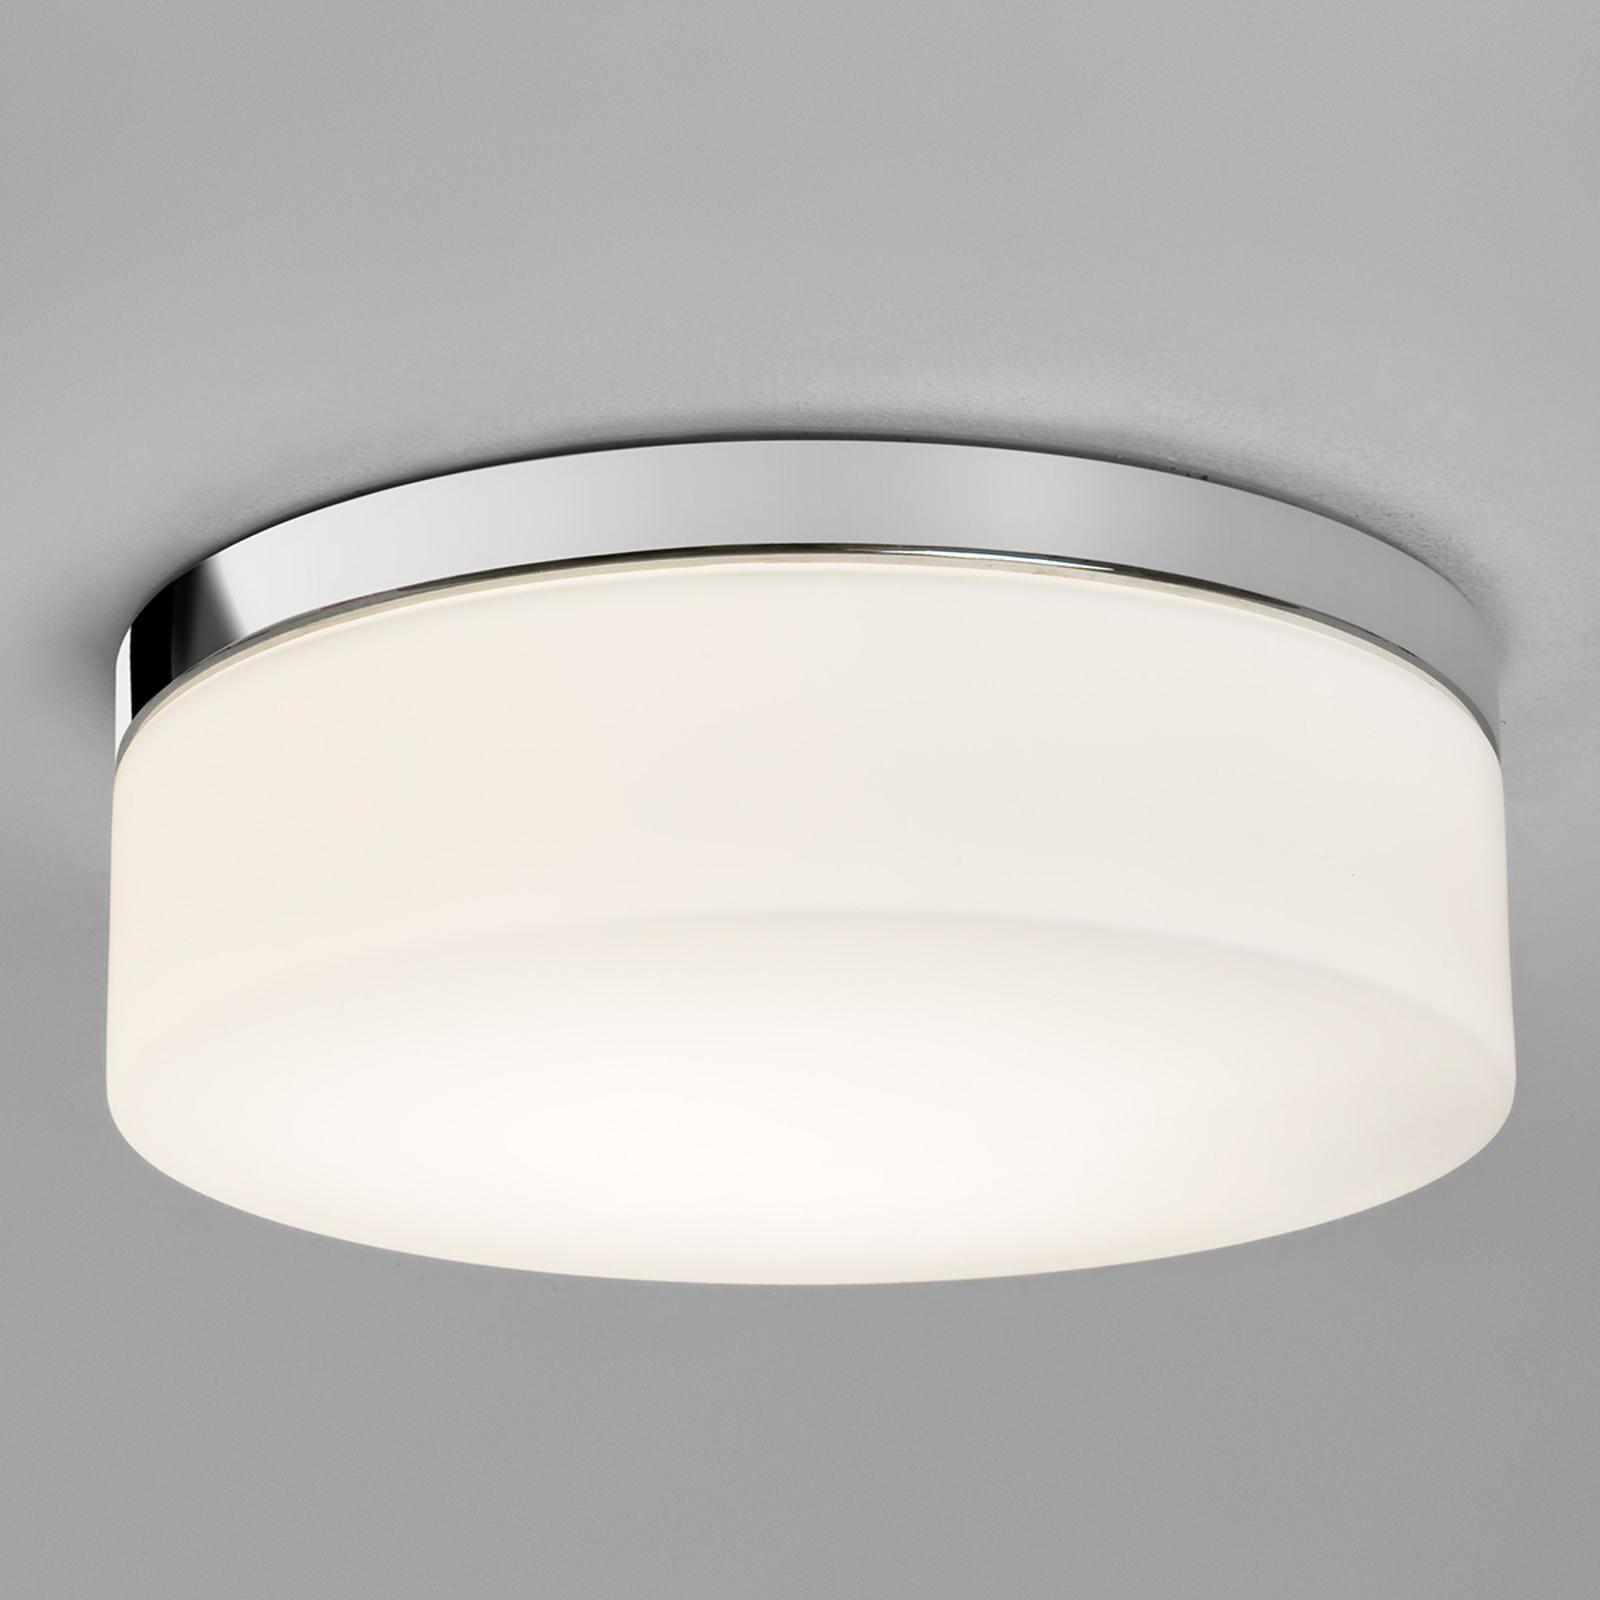 Rund loftlampe til bad Sabina 280